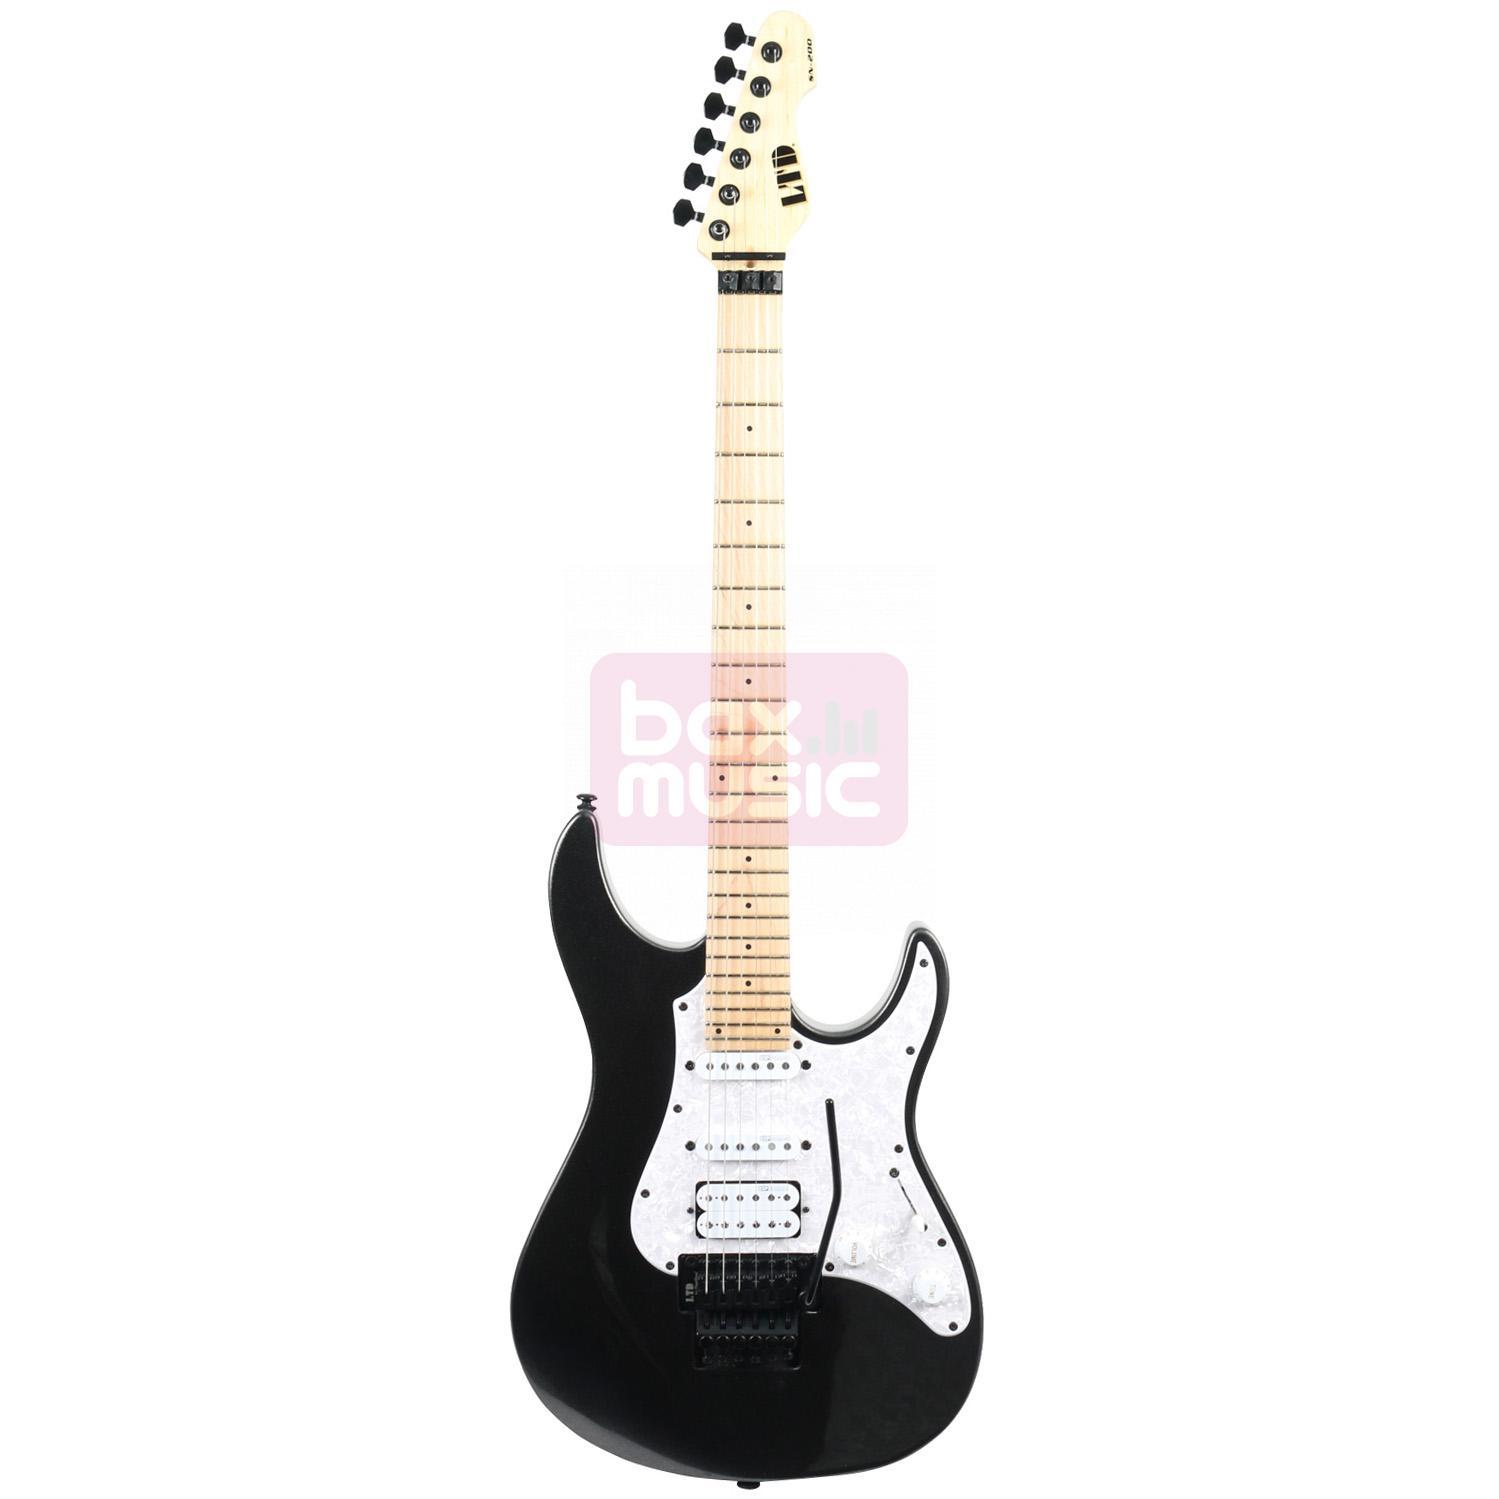 ESP LTD SN-200FR Maple Charcoal Metallic elektrische gitaar